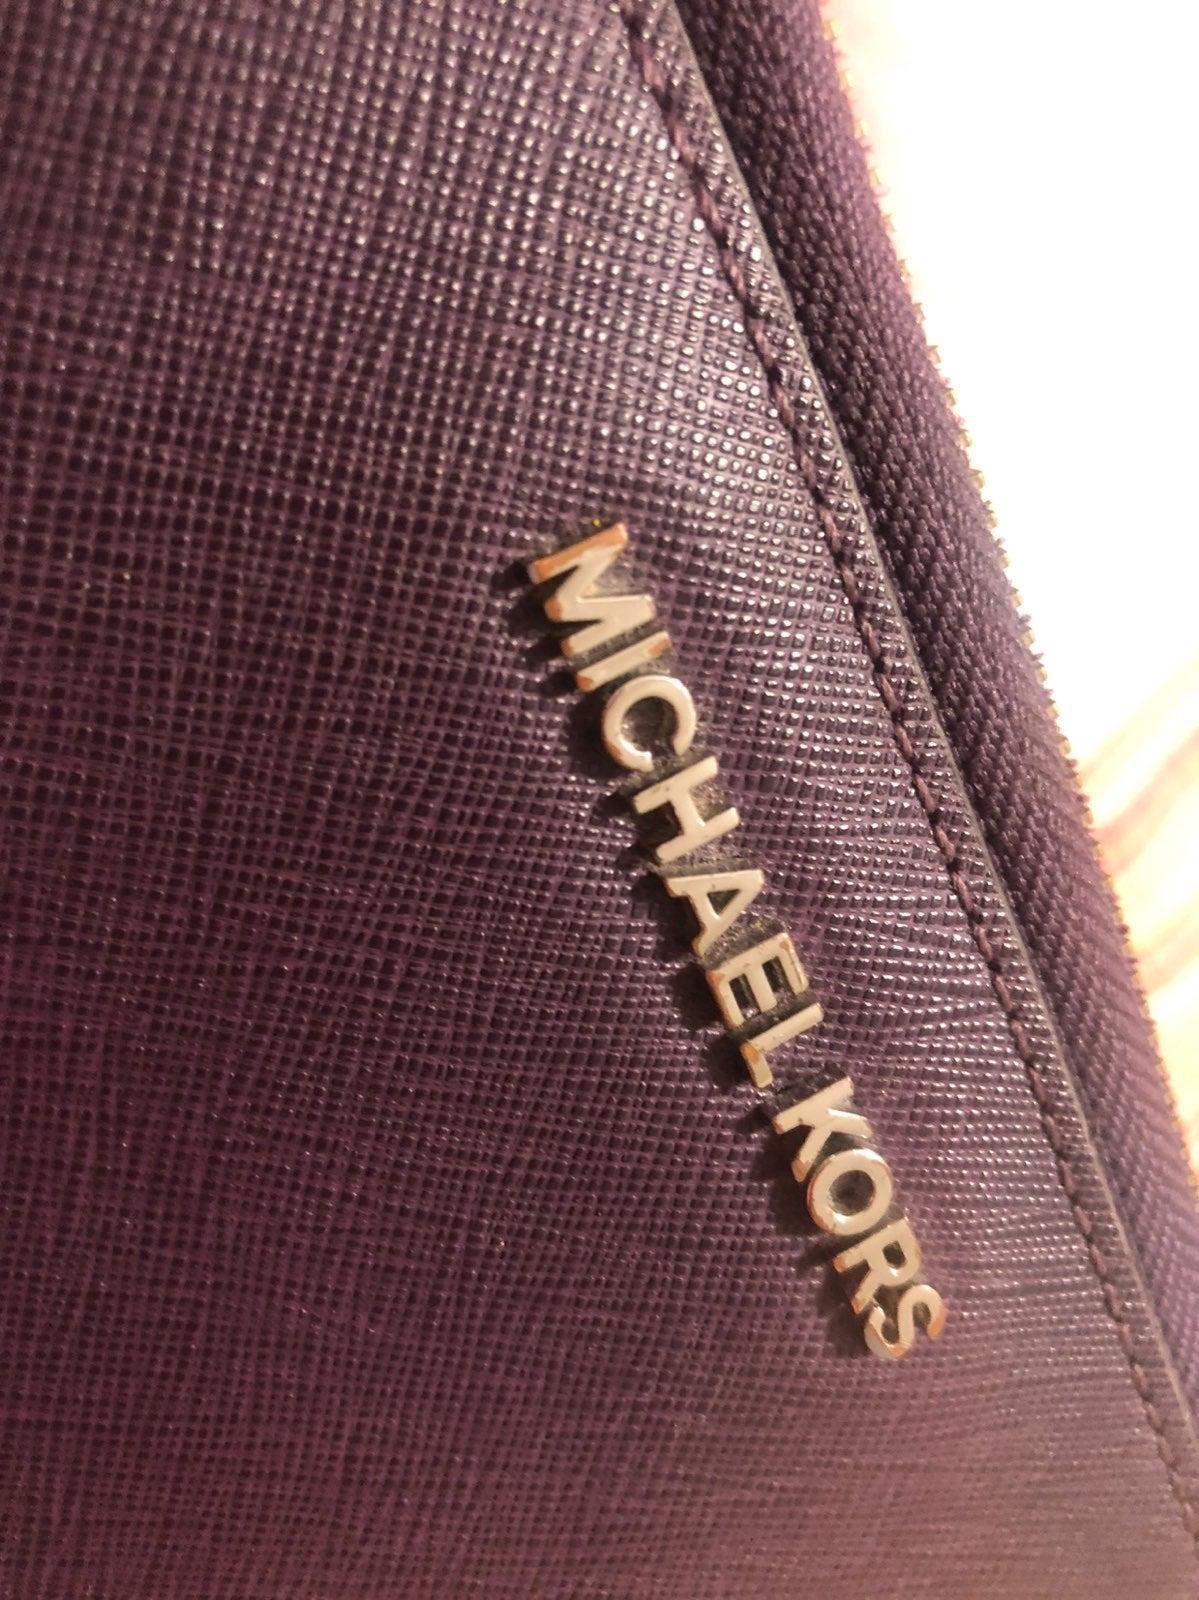 Michael Kors jetset Wallet: Plum color